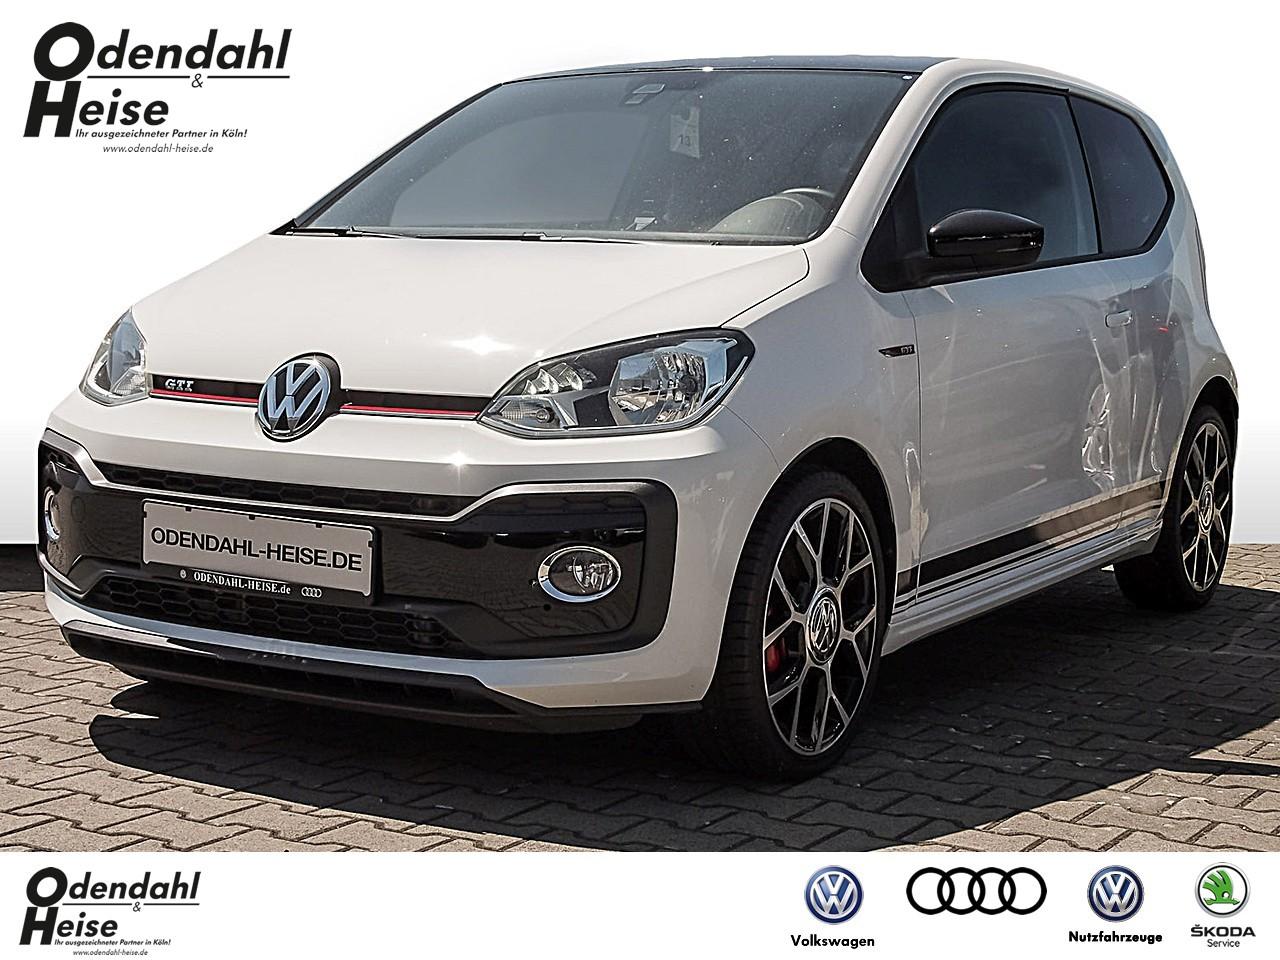 Volkswagen up! 1.0 TSI GTI (EURO 6d-TEMP) Klima, Jahr 2019, Benzin